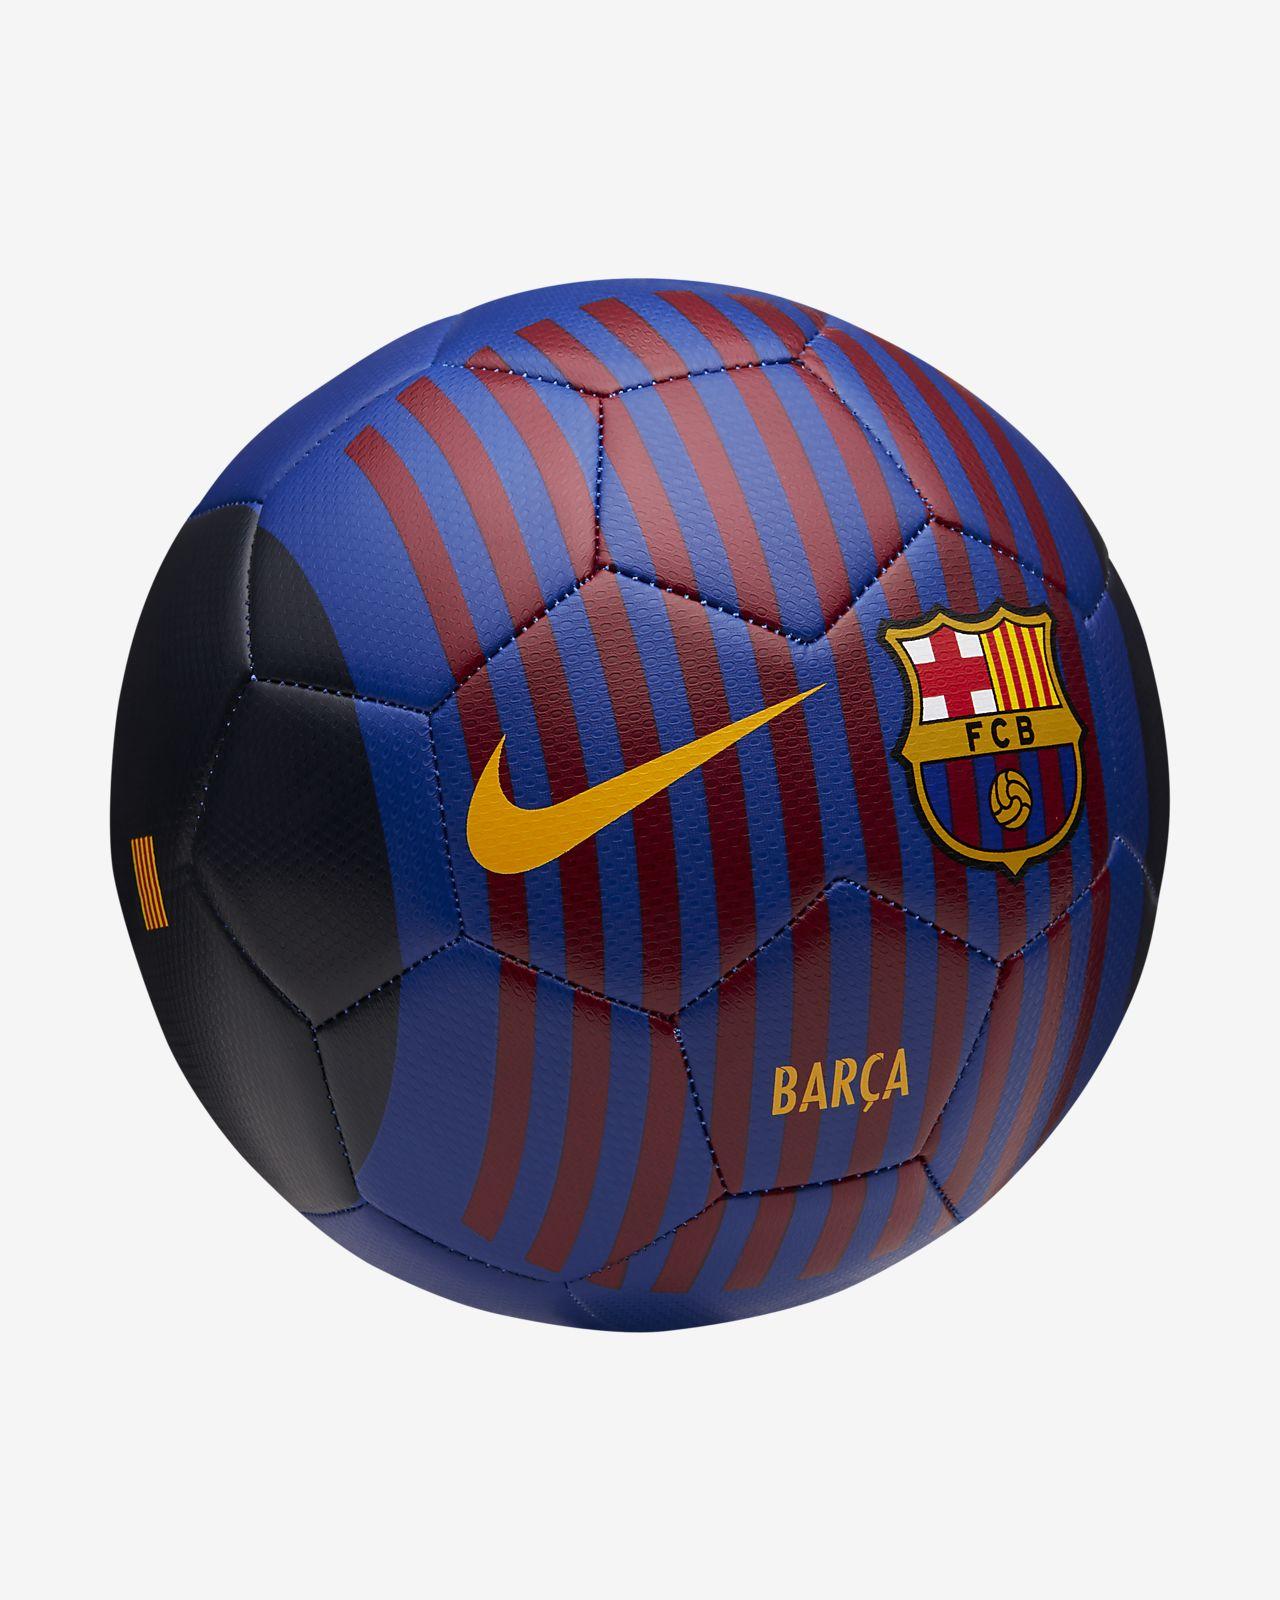 Футбольний клуб барселона в мини футболи